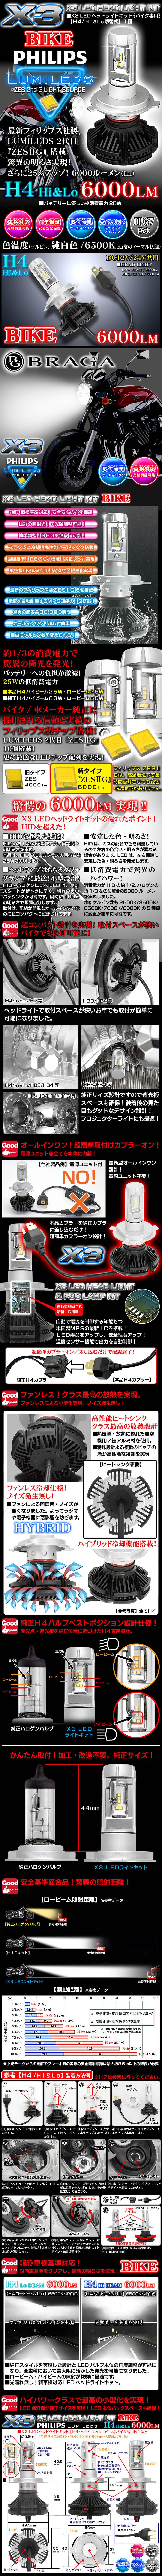 【H4 Hi/Lo切換式】バイク専用X3 6000LMフィリップス製LEDヘッドライトキット25W/6500K 1個/1年保証